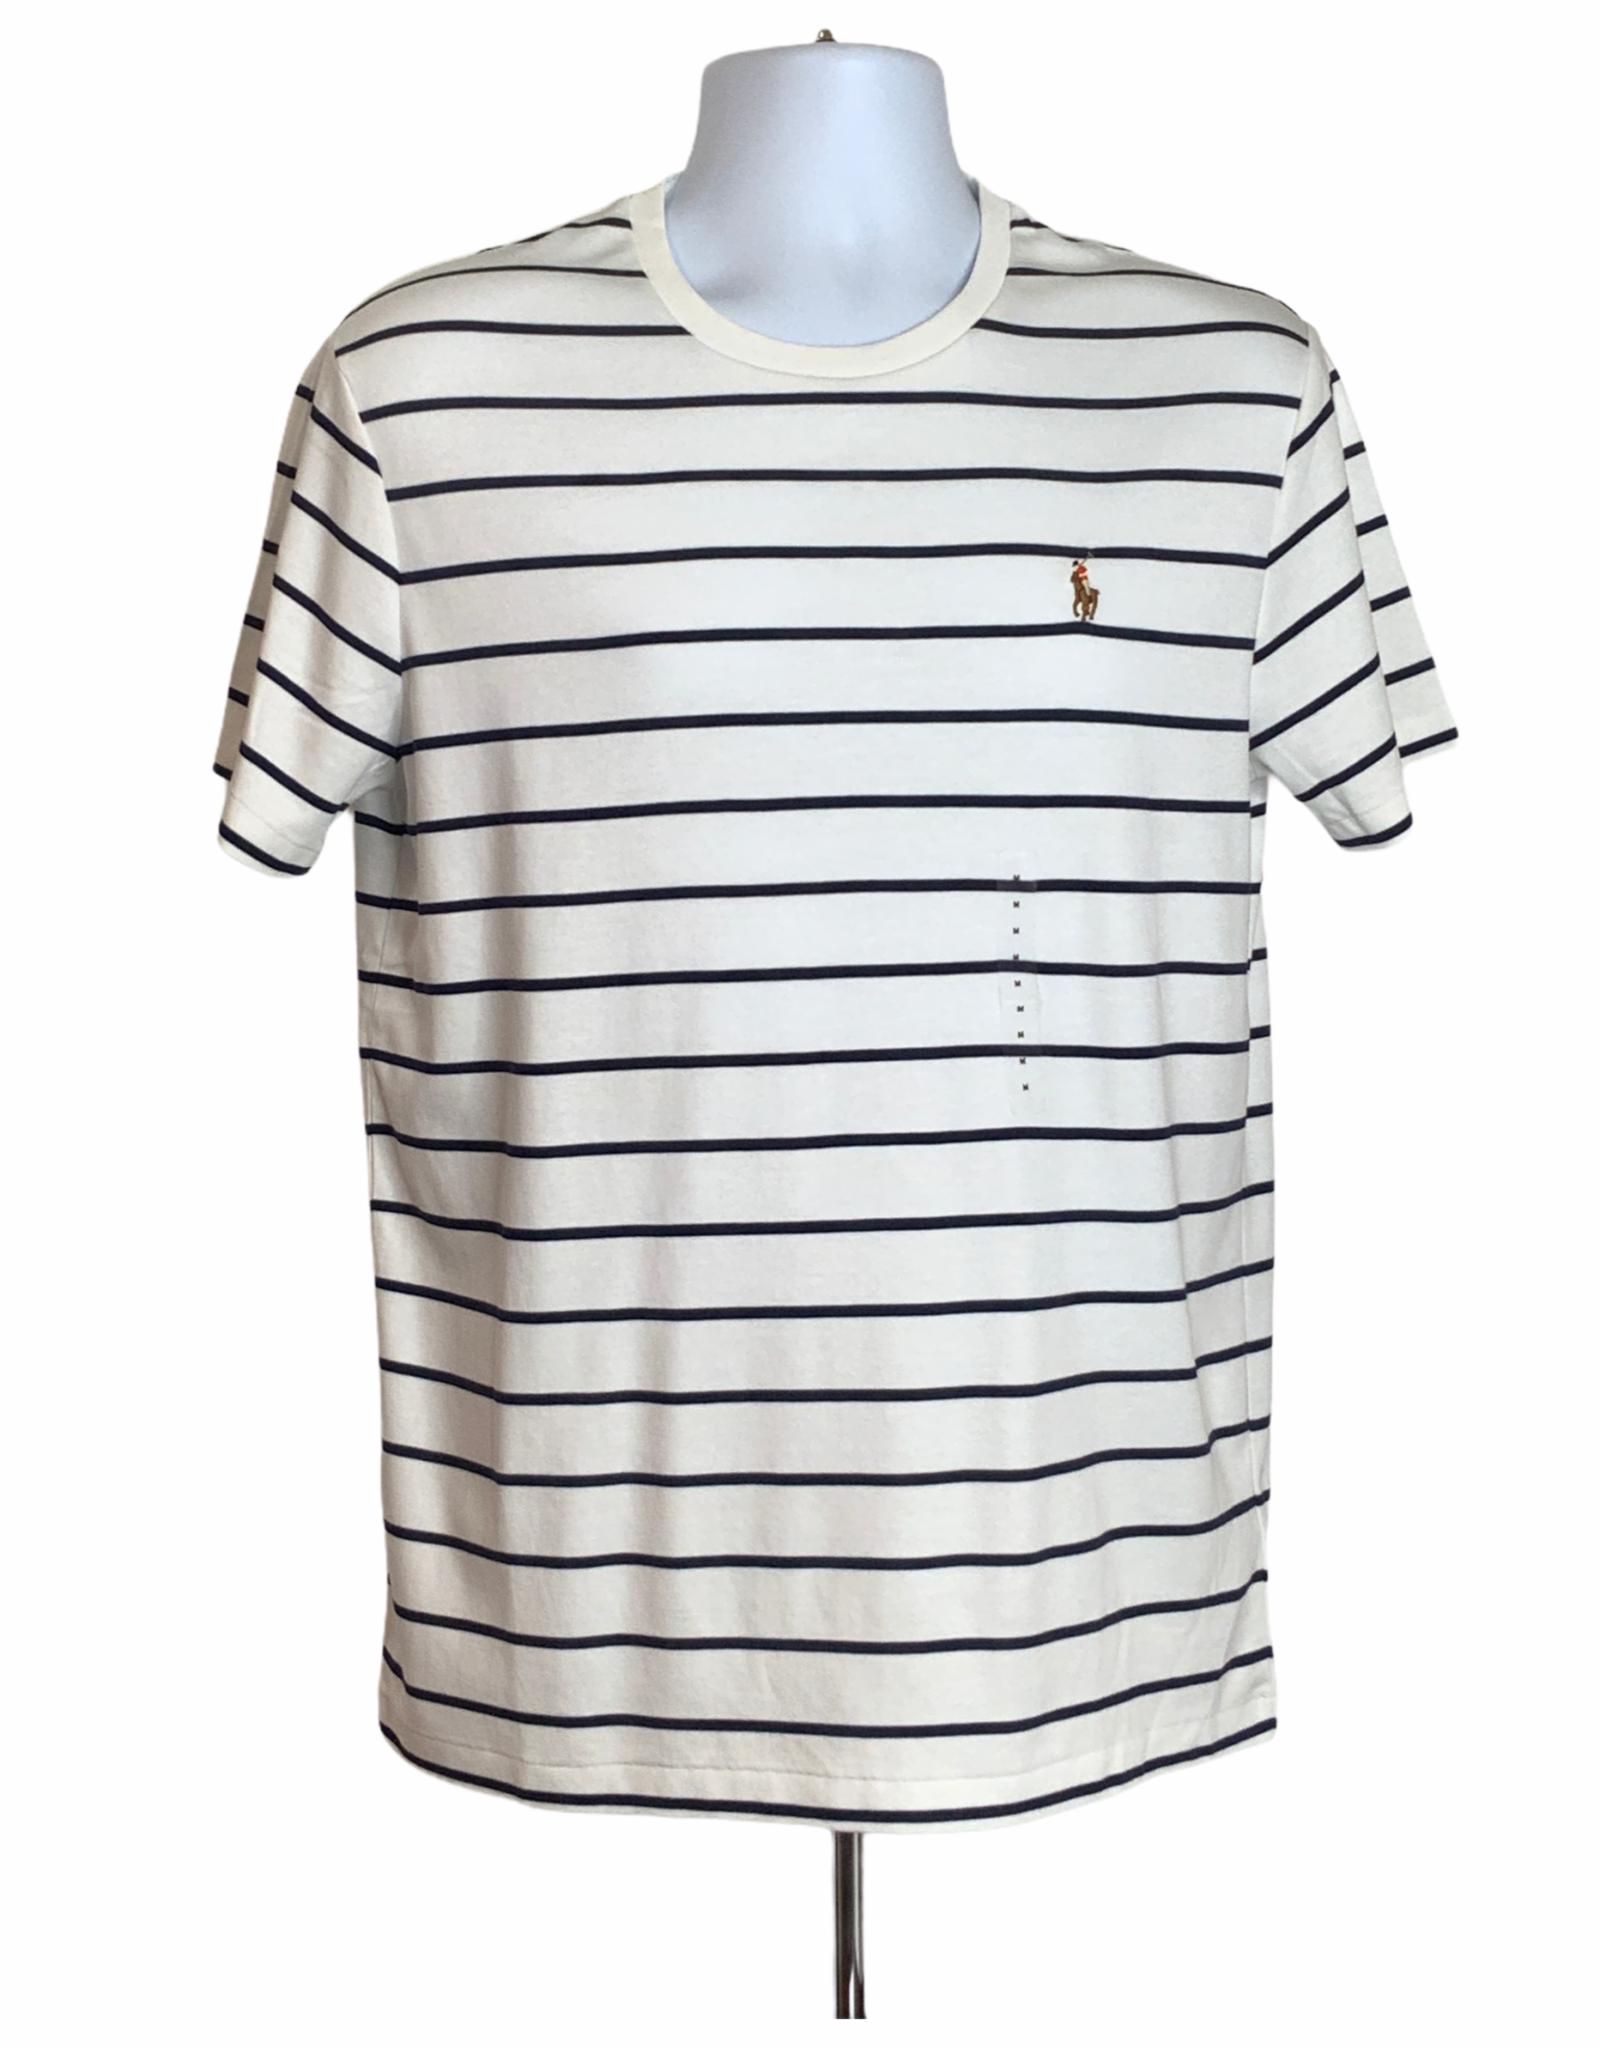 Polo Ralph Lauren Polo Ralph Lauren Striped Short Sleeve Tees